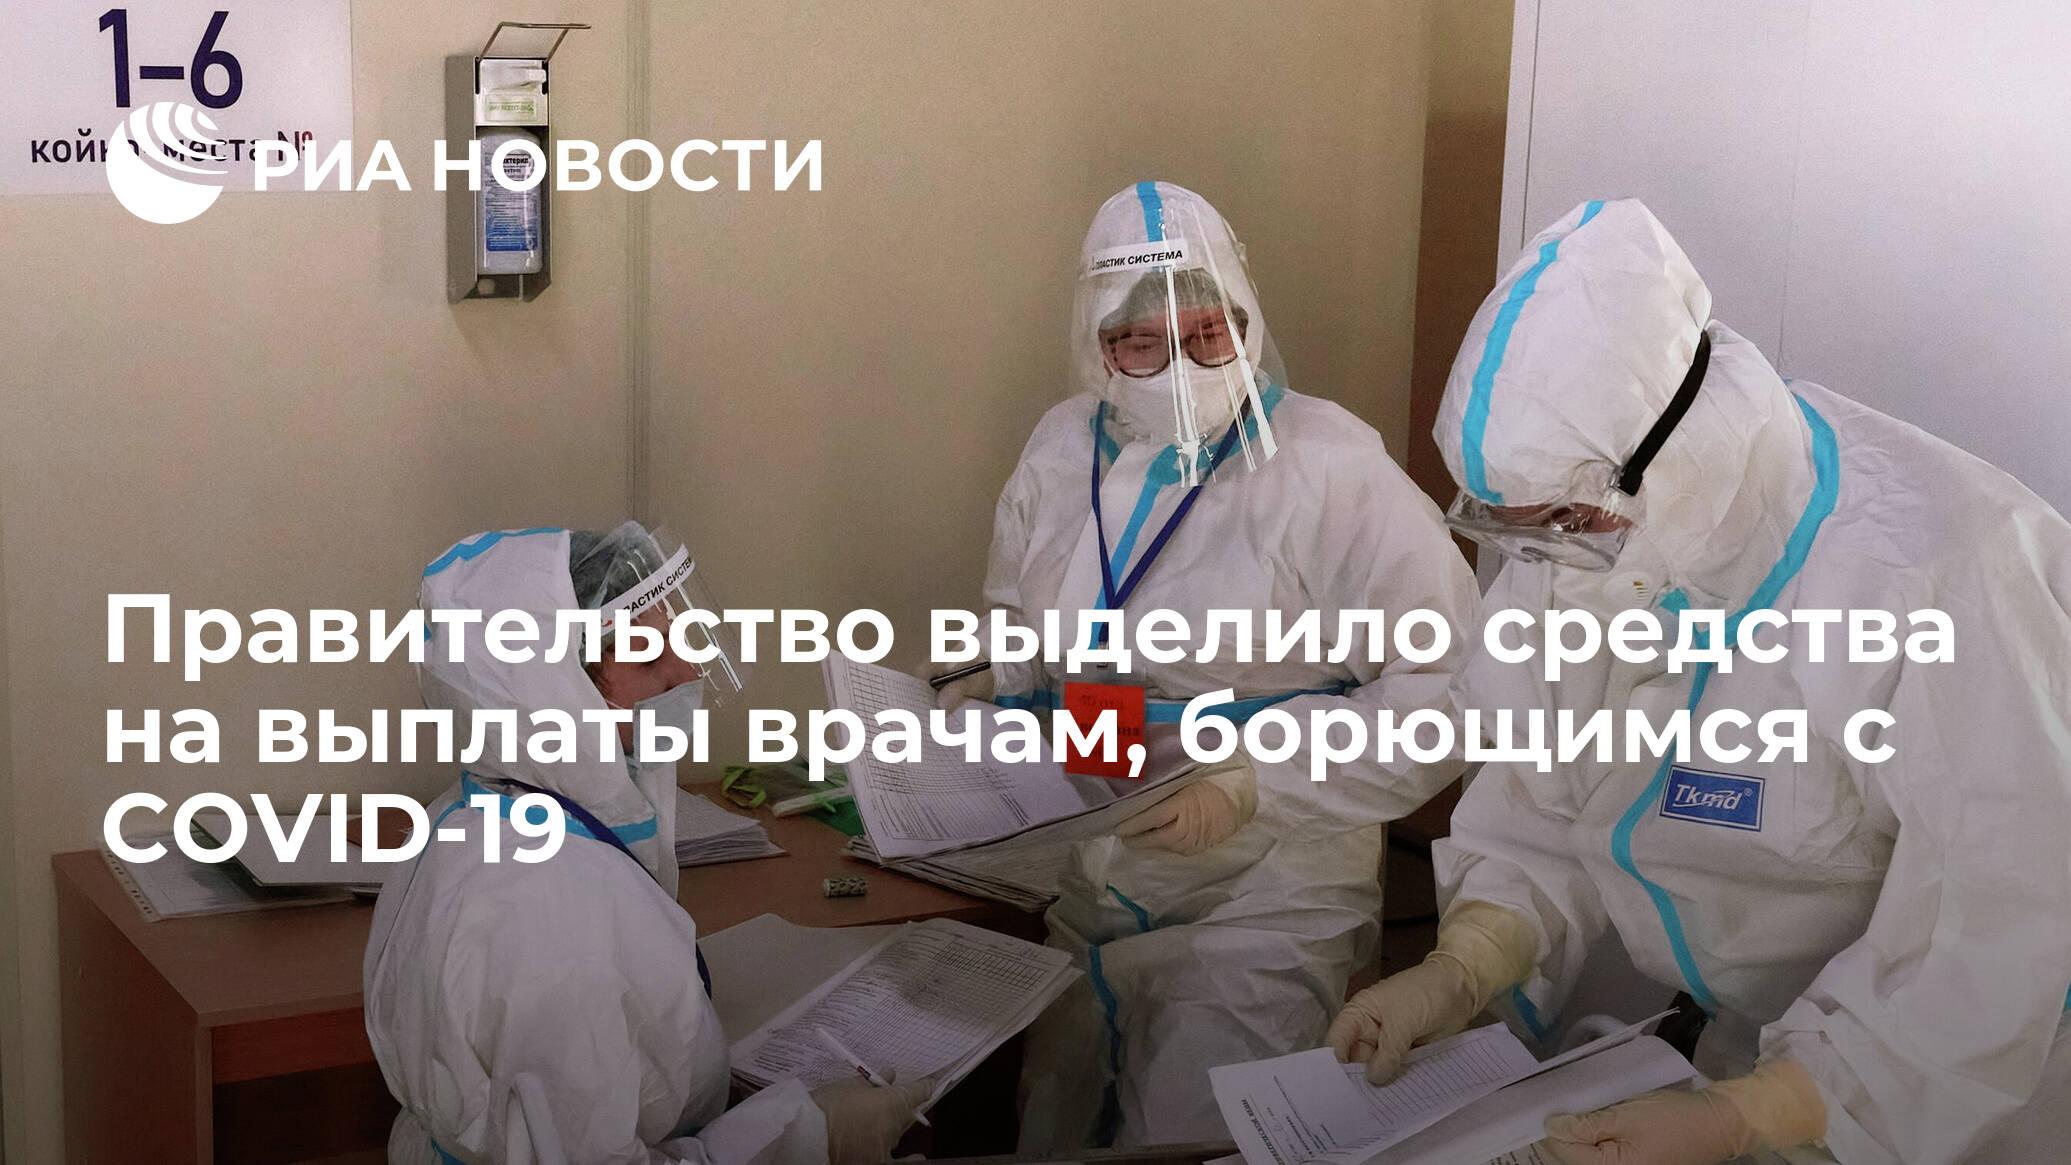 Правительство выделило средства на выплаты врачам, борющимся с COVID-19